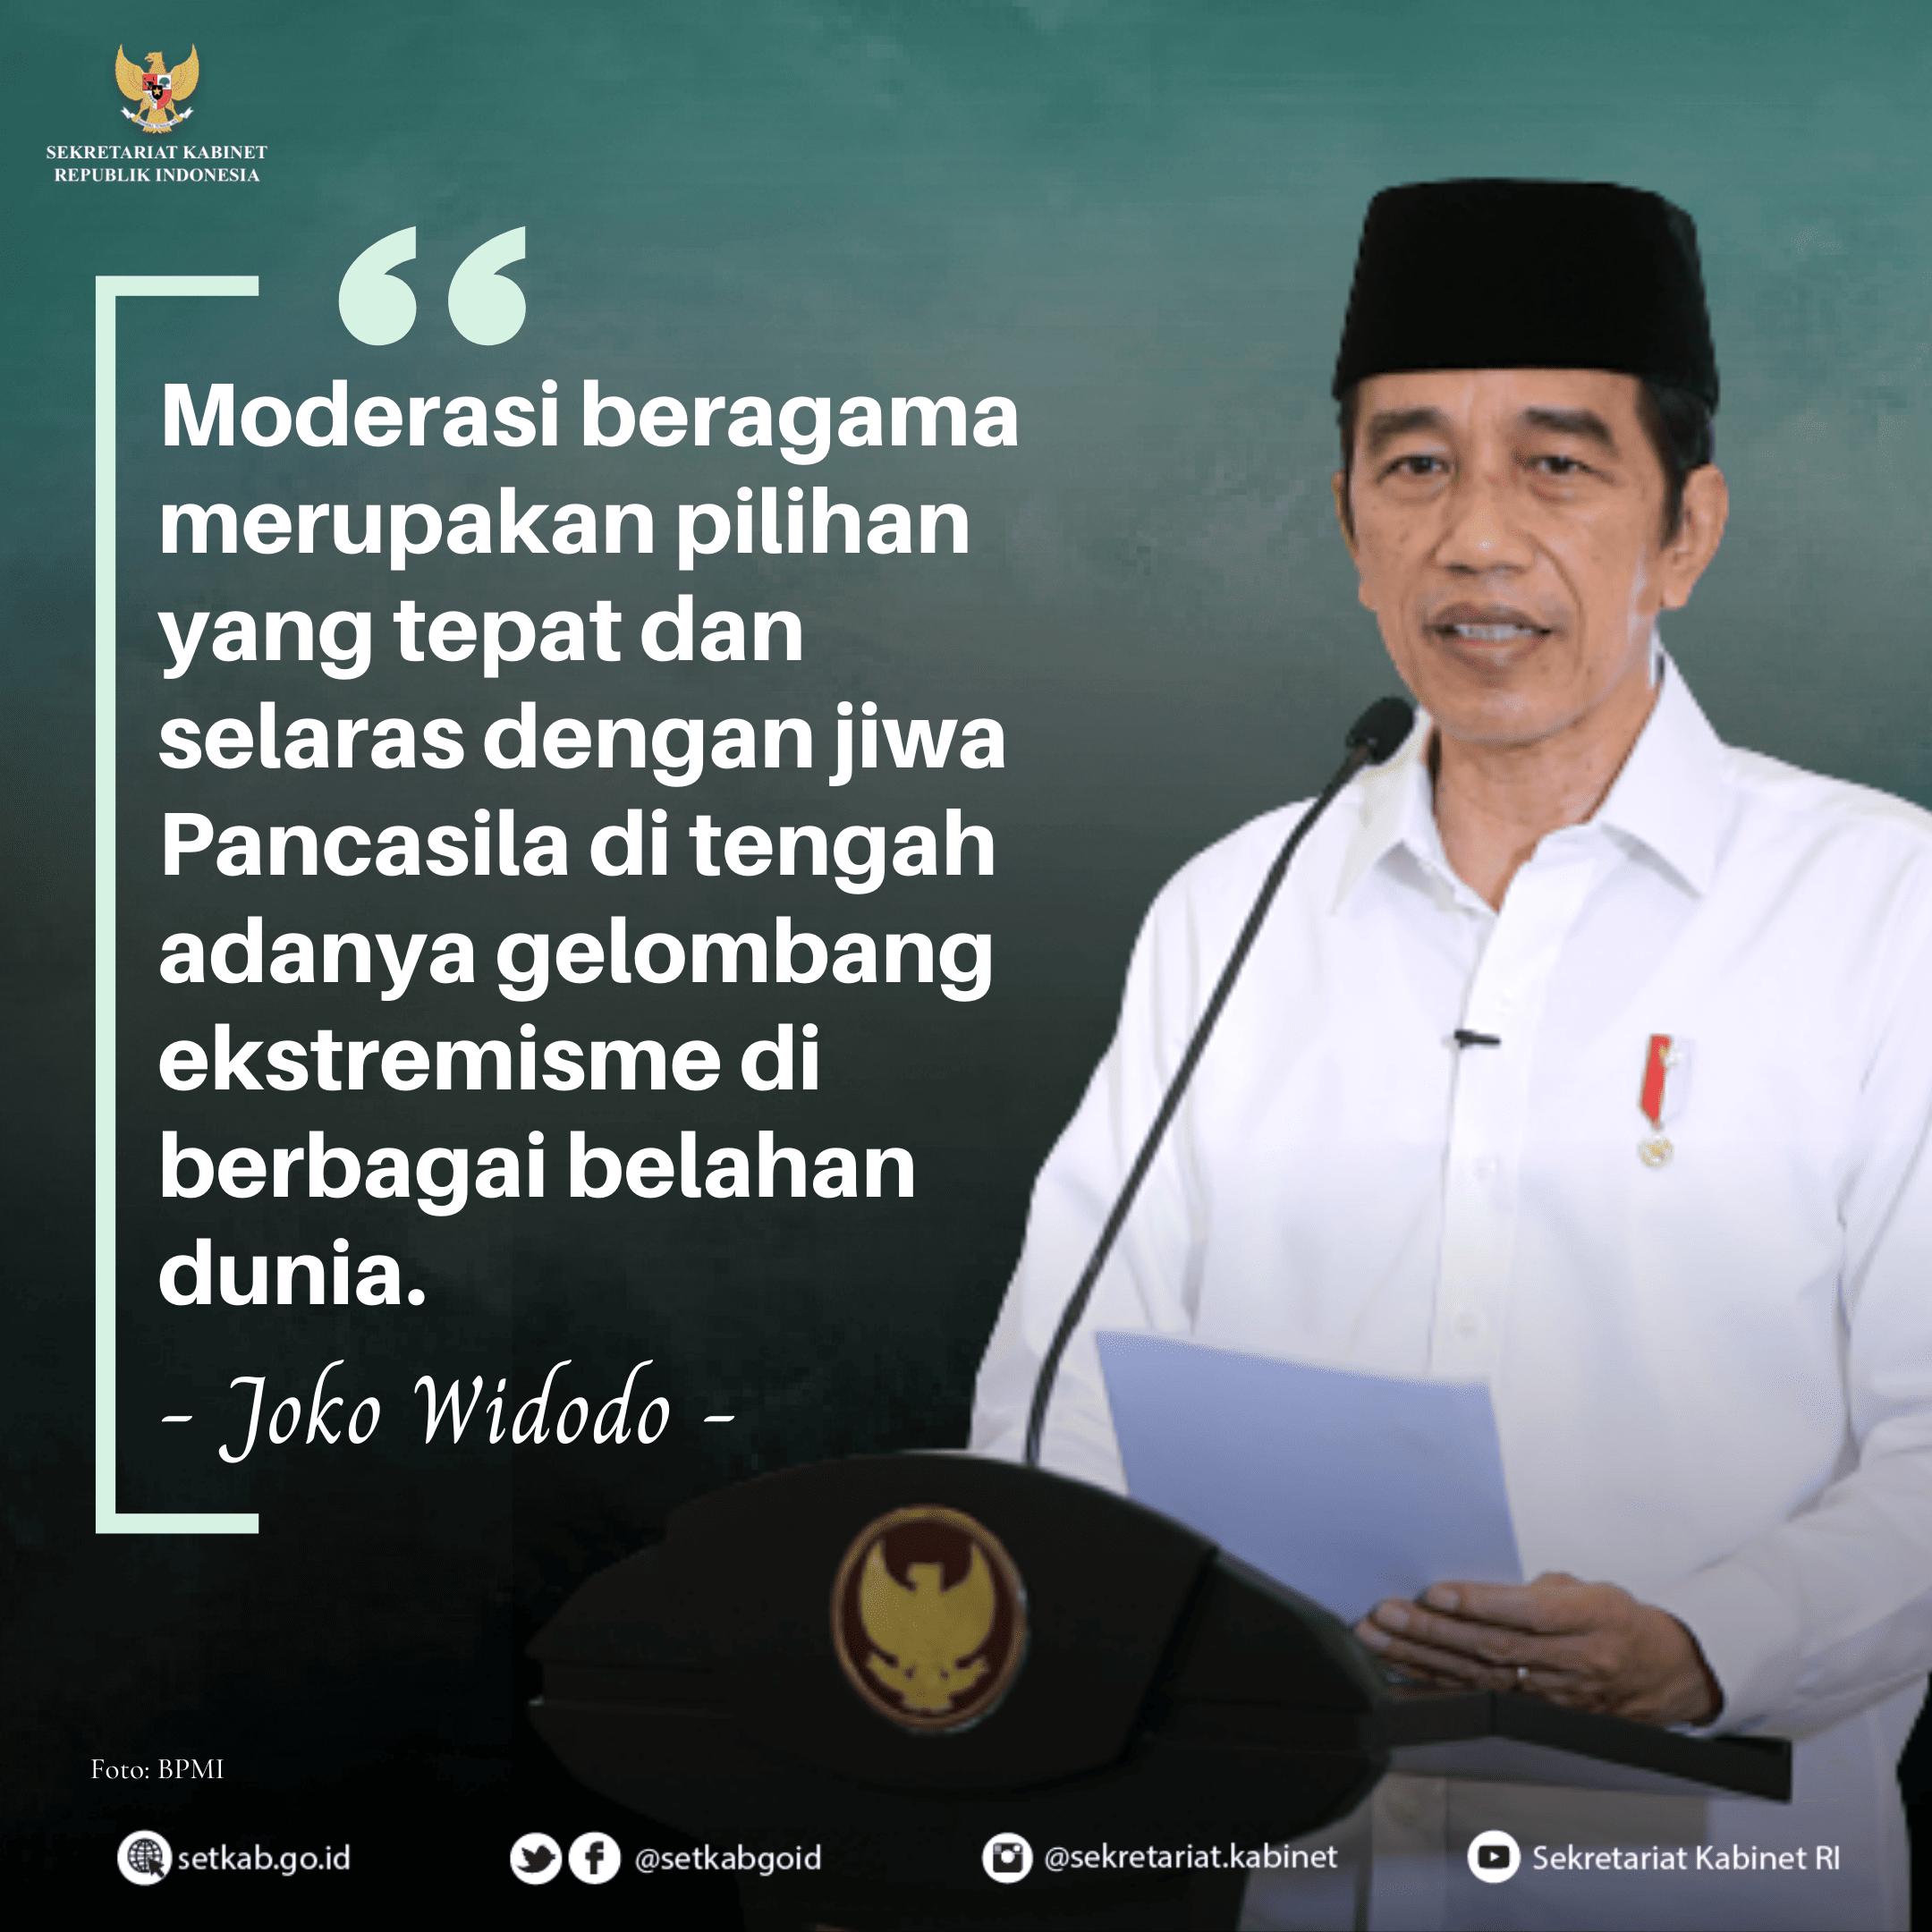 Pesan Presiden Joko Widodo pada Rapat Koordinasi Nasional Forum Kerukunan Umat Beragama (FKUB), Selasa (3/11)